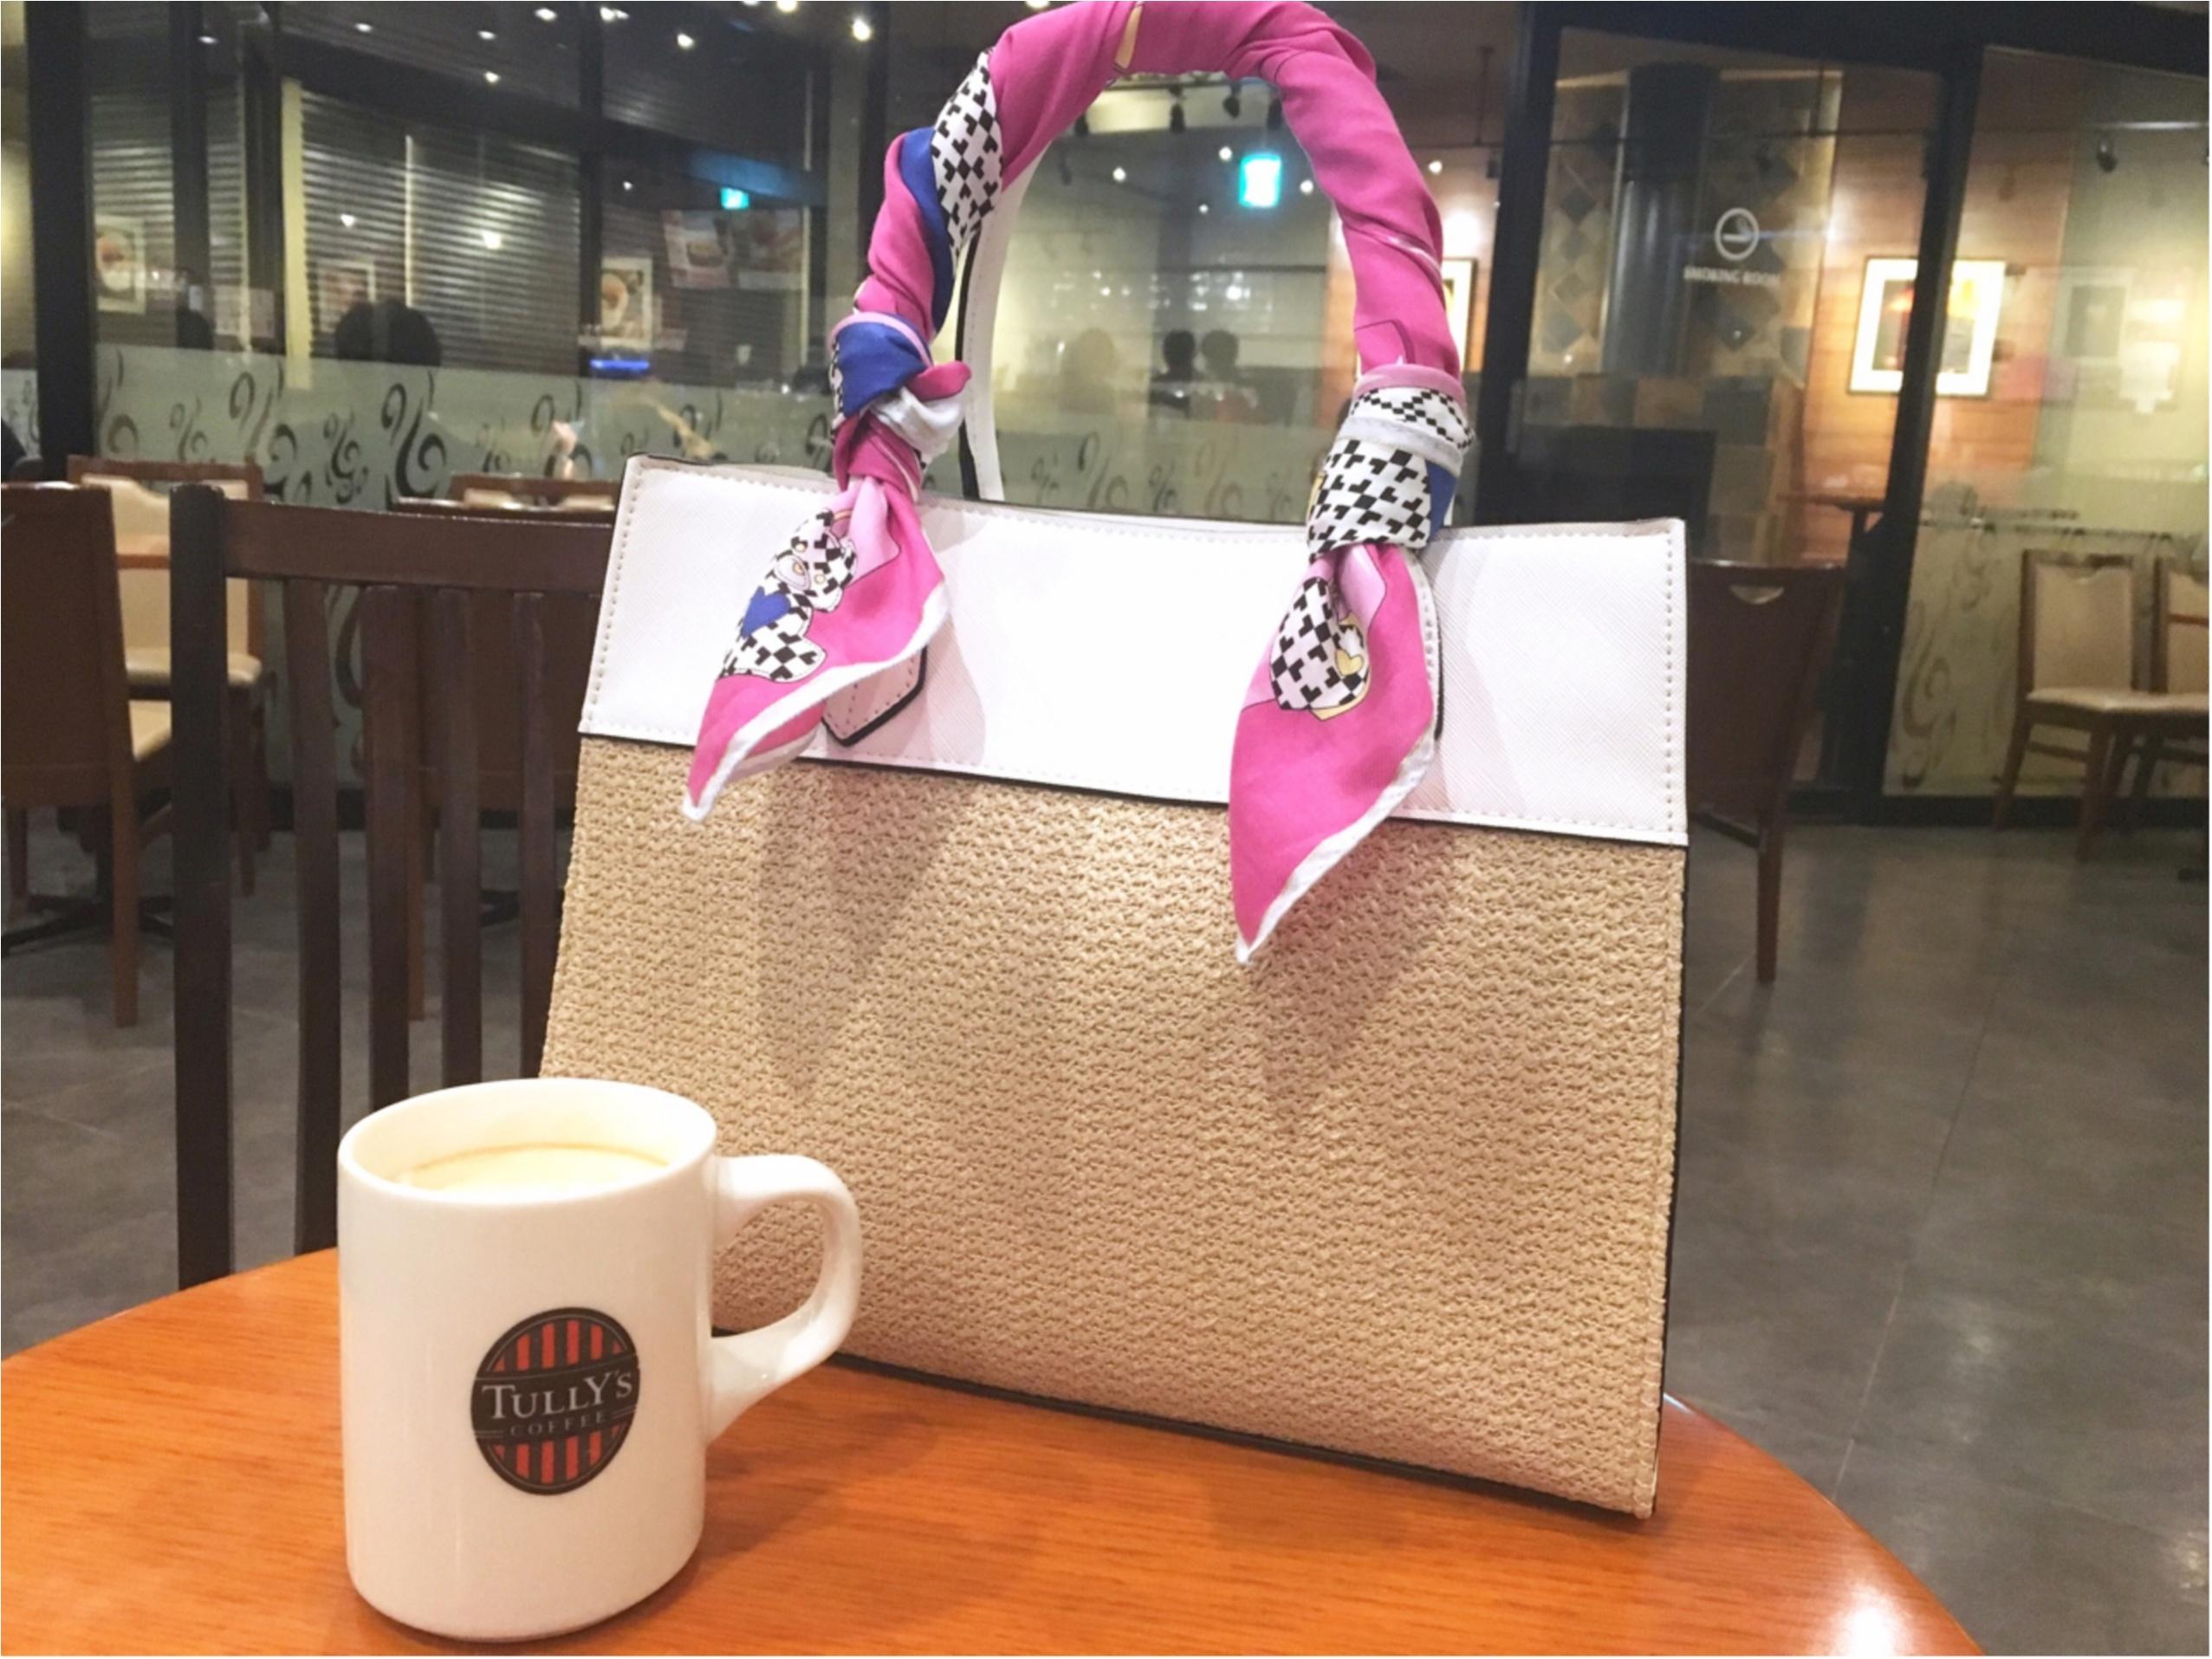 みんなどんなバッグ使ってるの? 憧れブランドもまとめて「愛用バッグ」まとめ♡♡_1_2